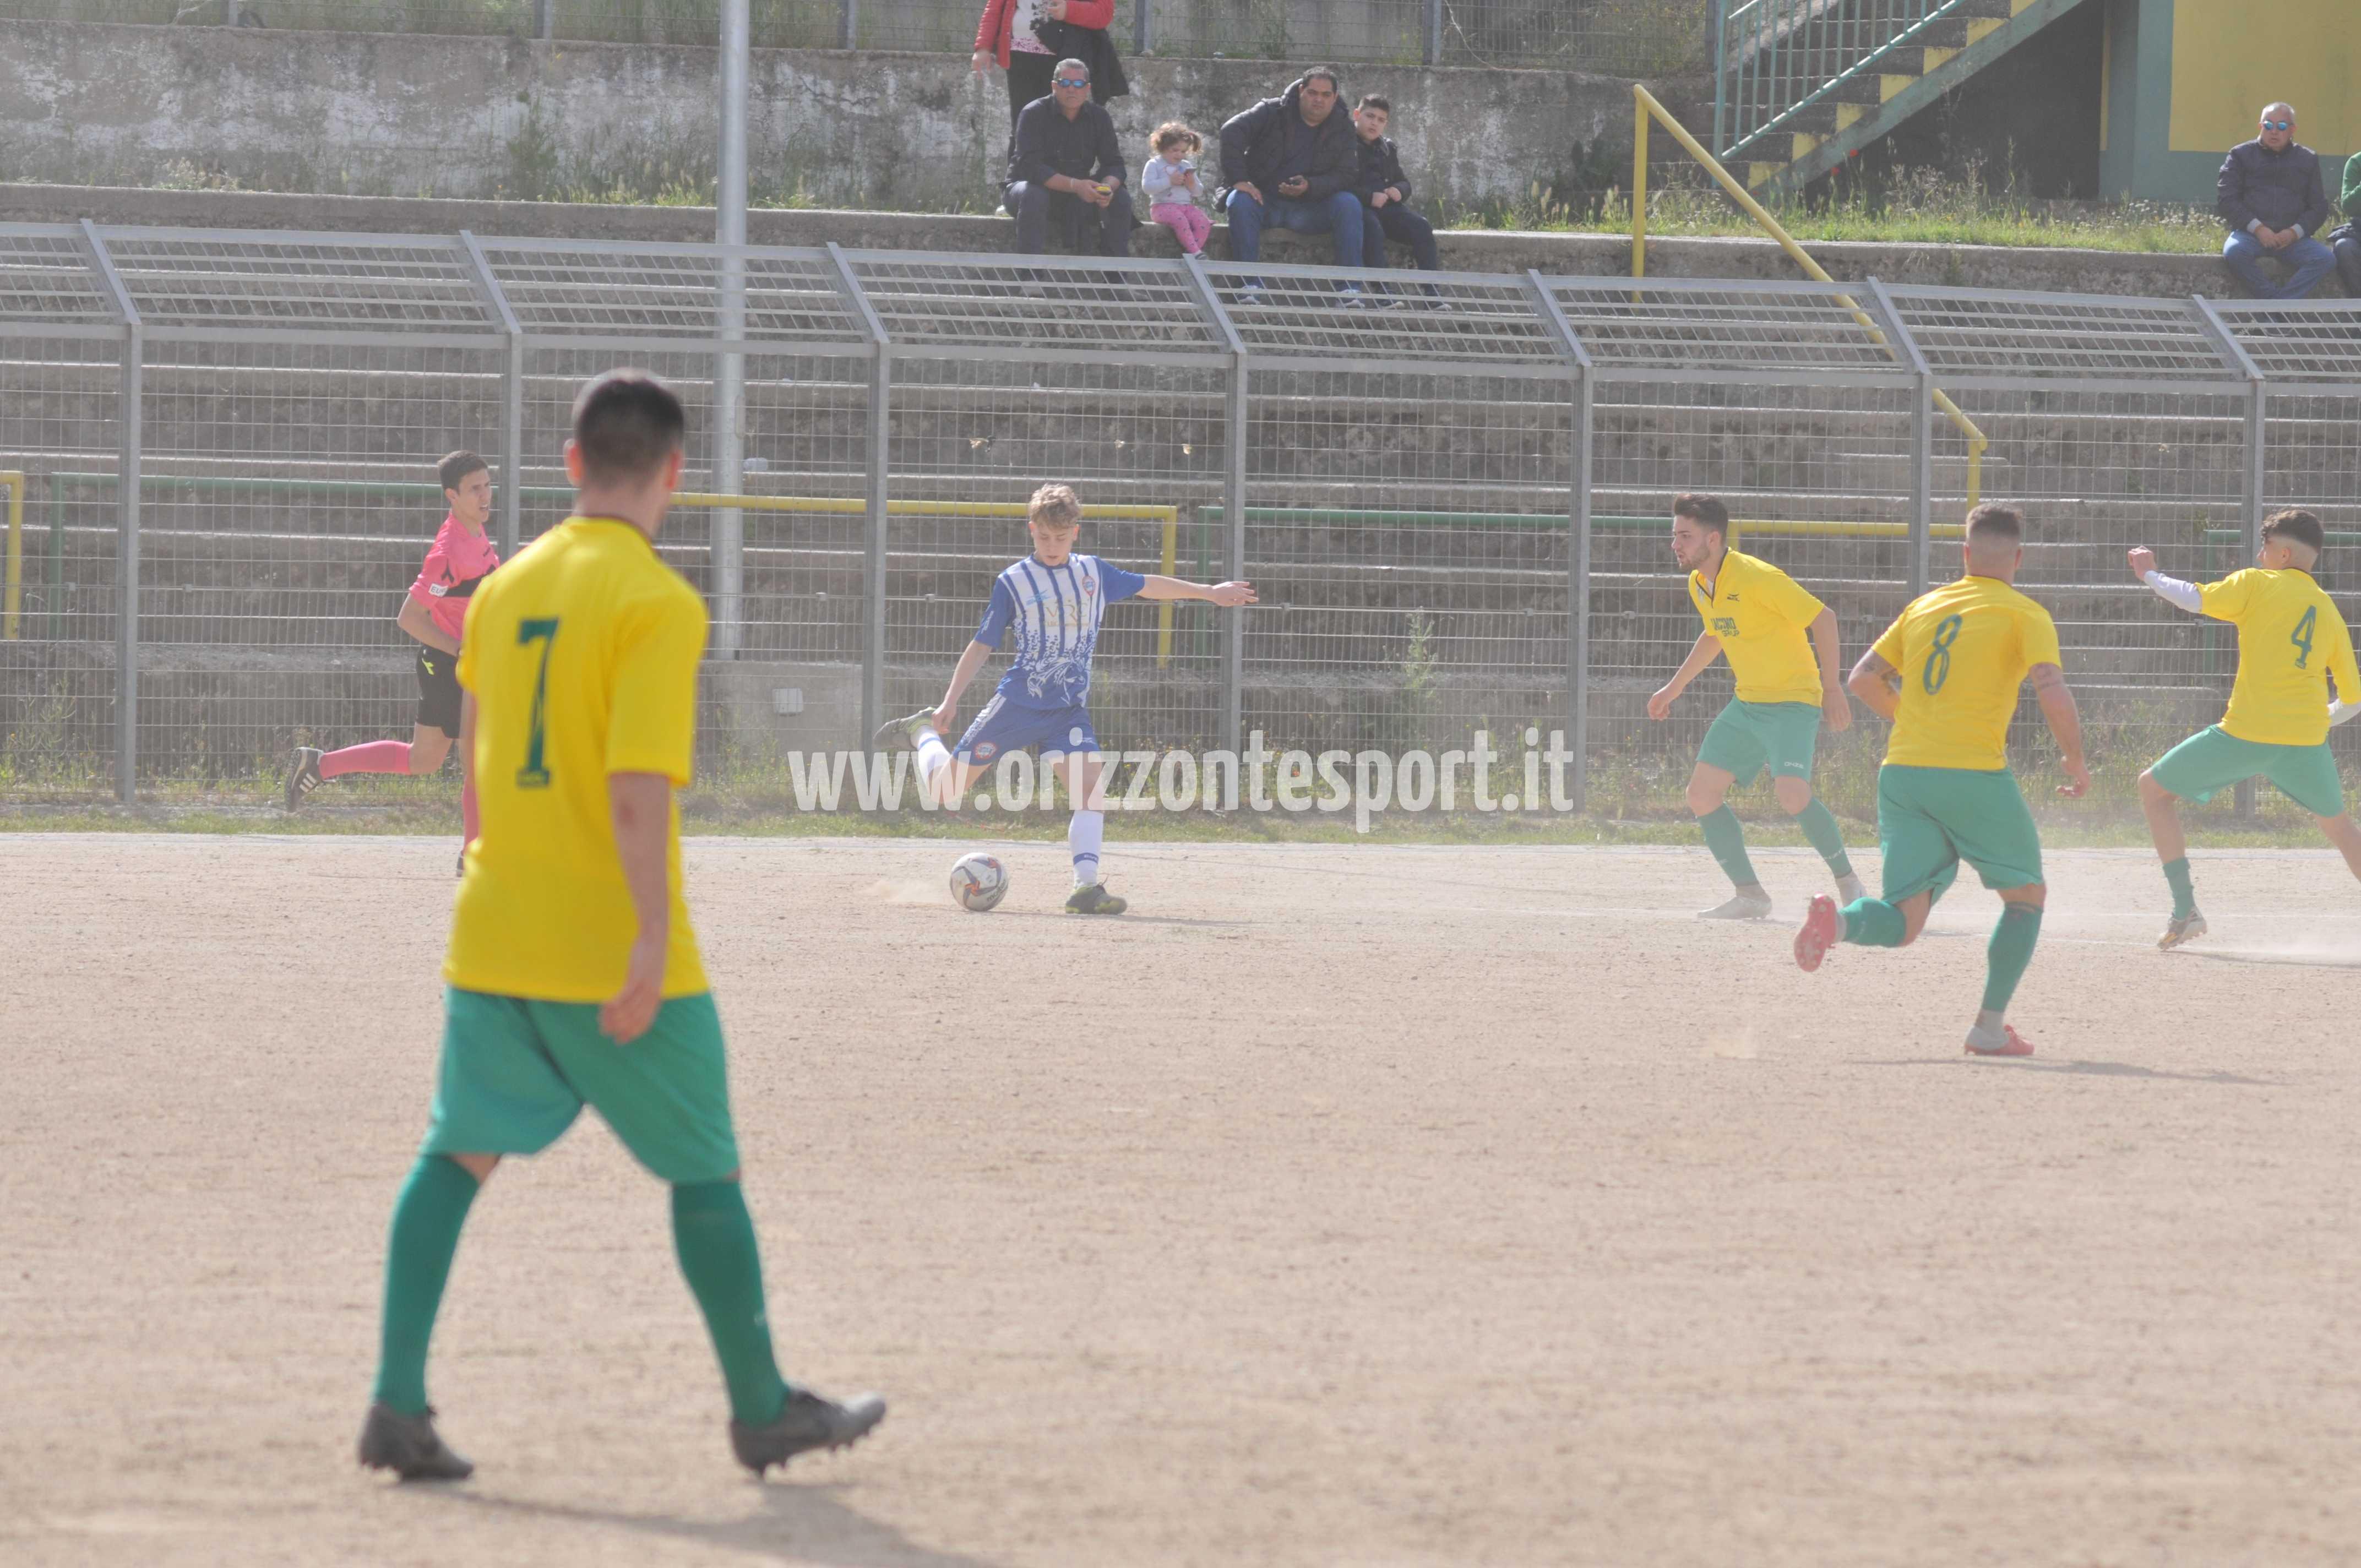 roggiano_cassano (75)